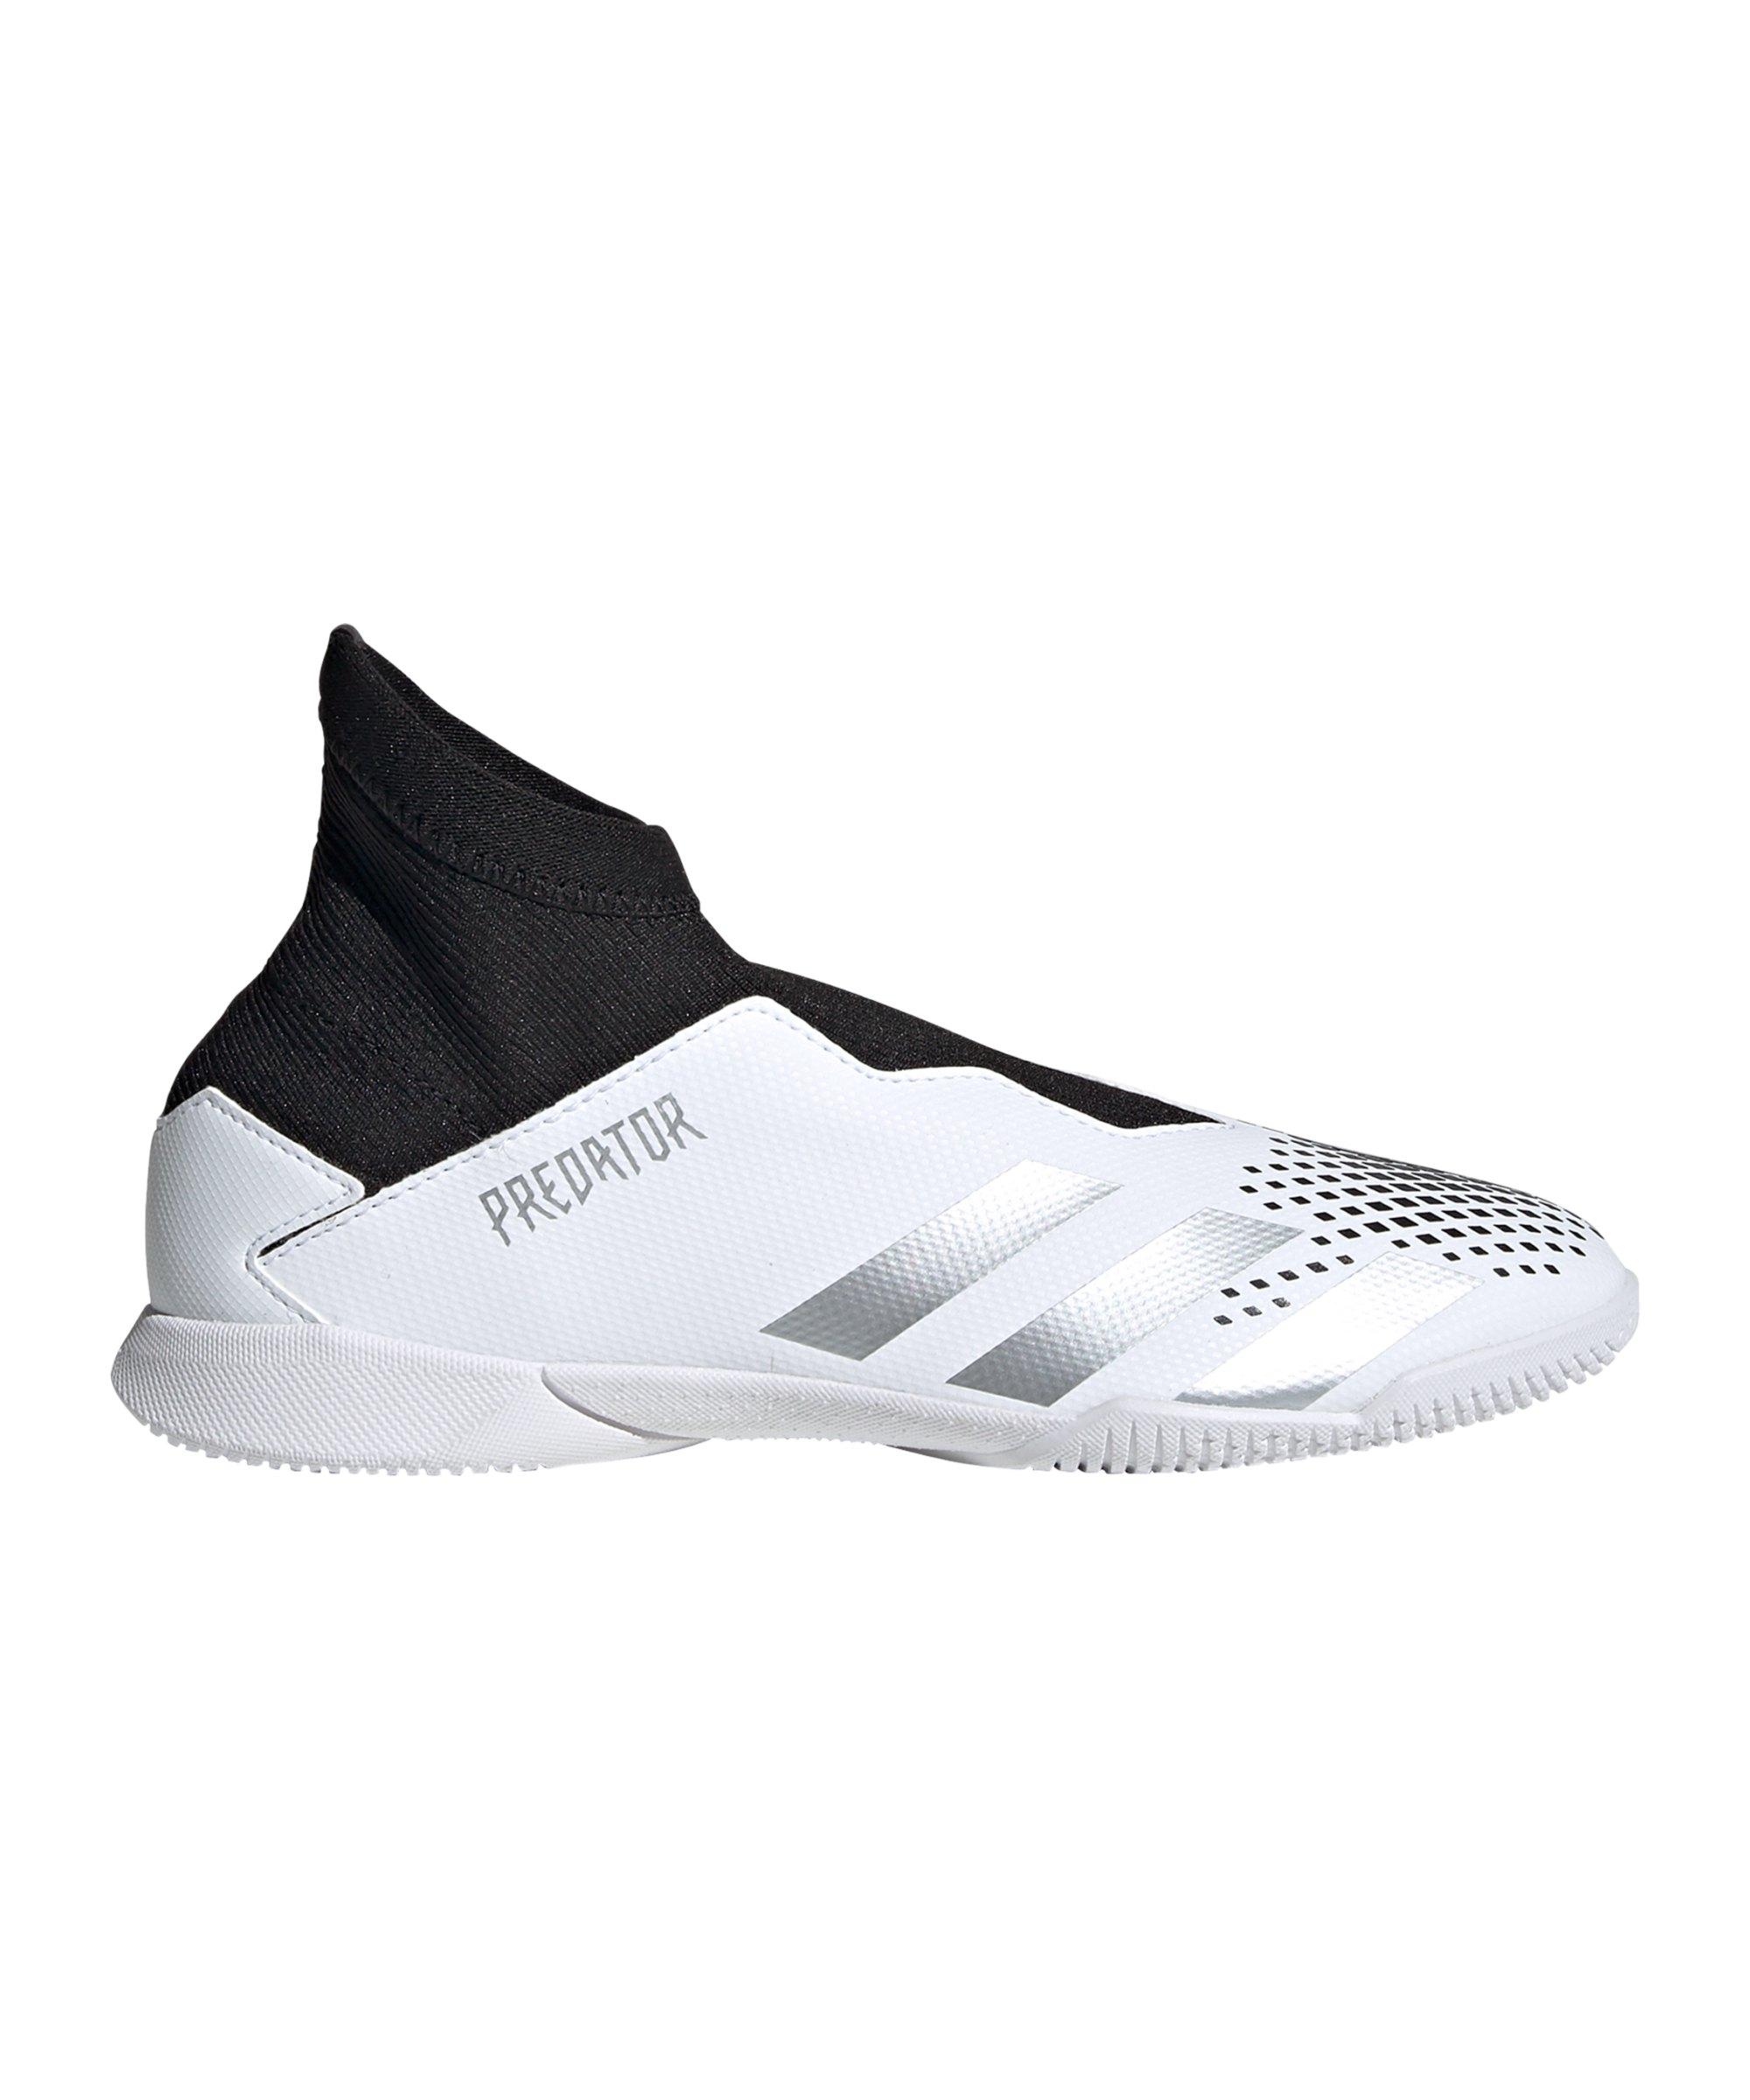 adidas Predator Inflight 20.3 LL IN Halle J Kids - weiss